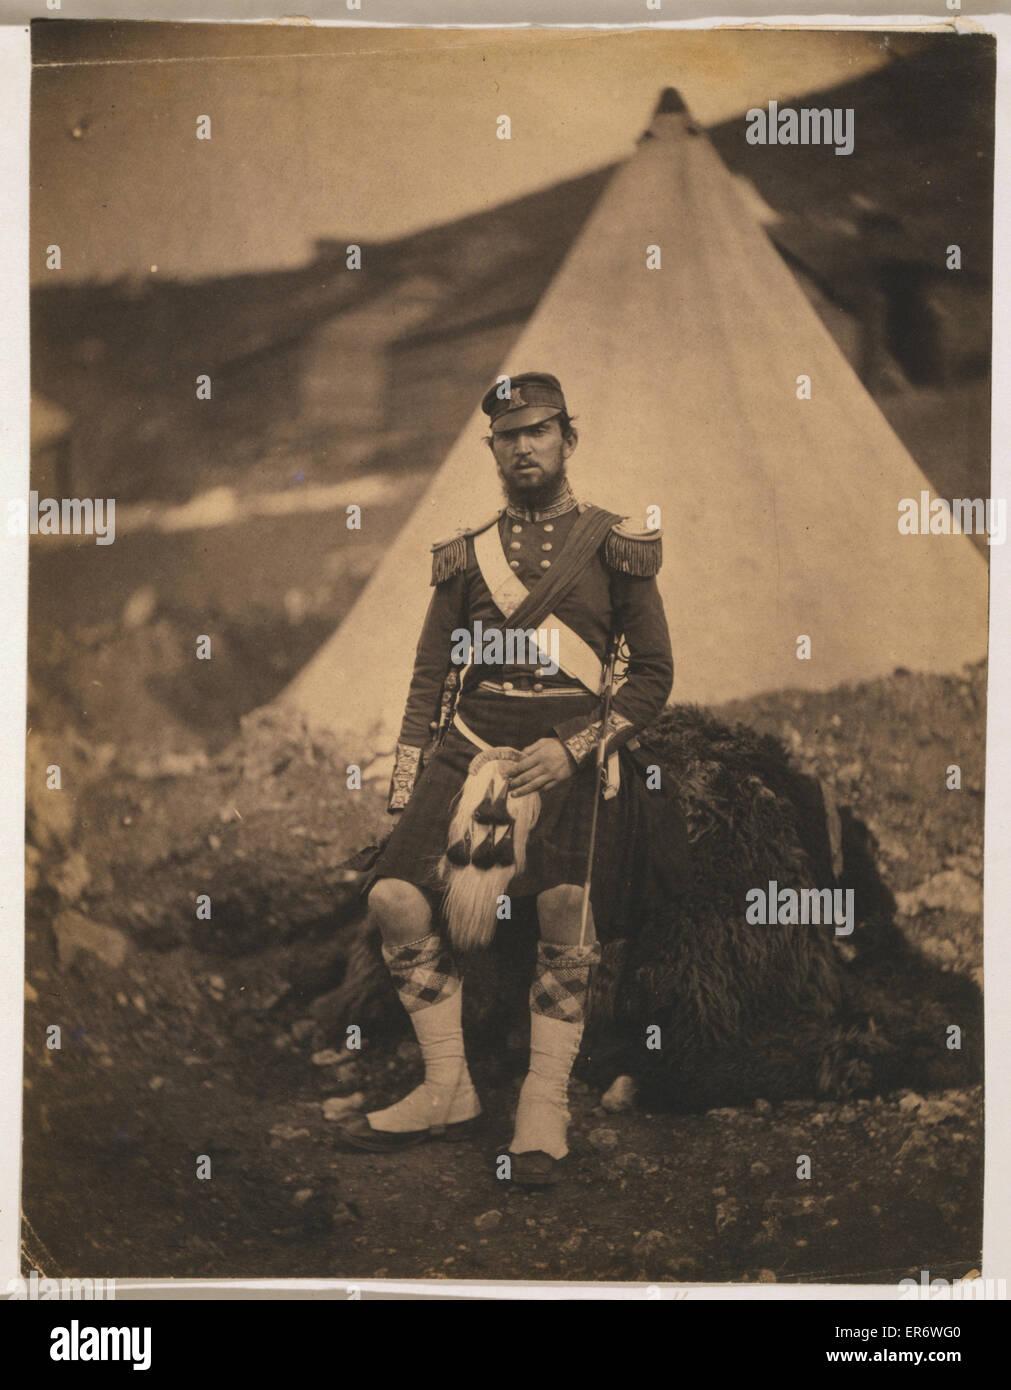 Captain Cuninghame, 42nd Regiment. Captain Cuninghame, 42nd Royal Highland Regiment, full-length portrait, wearing - Stock Image